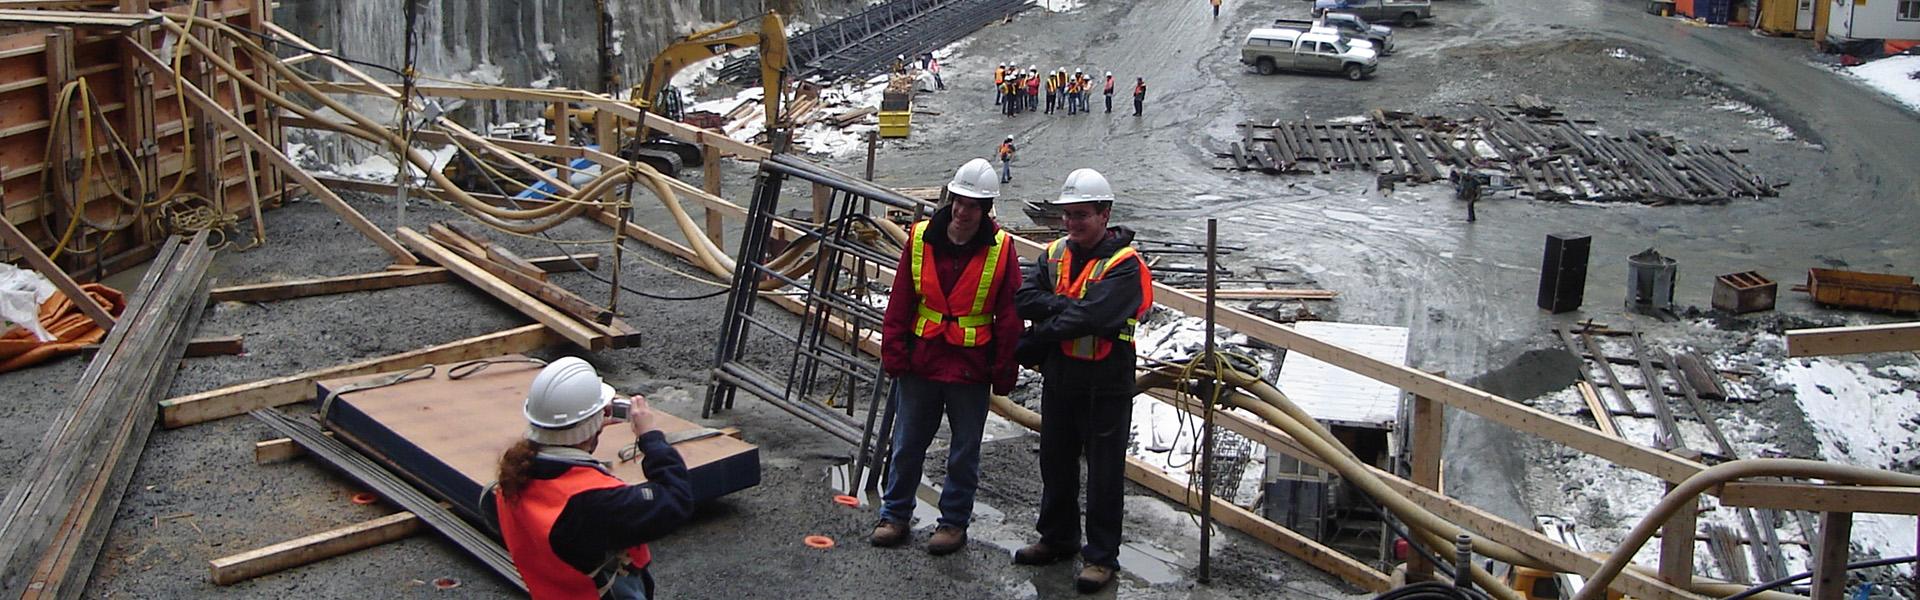 Visite à la Baie James - Centrale EM-1A